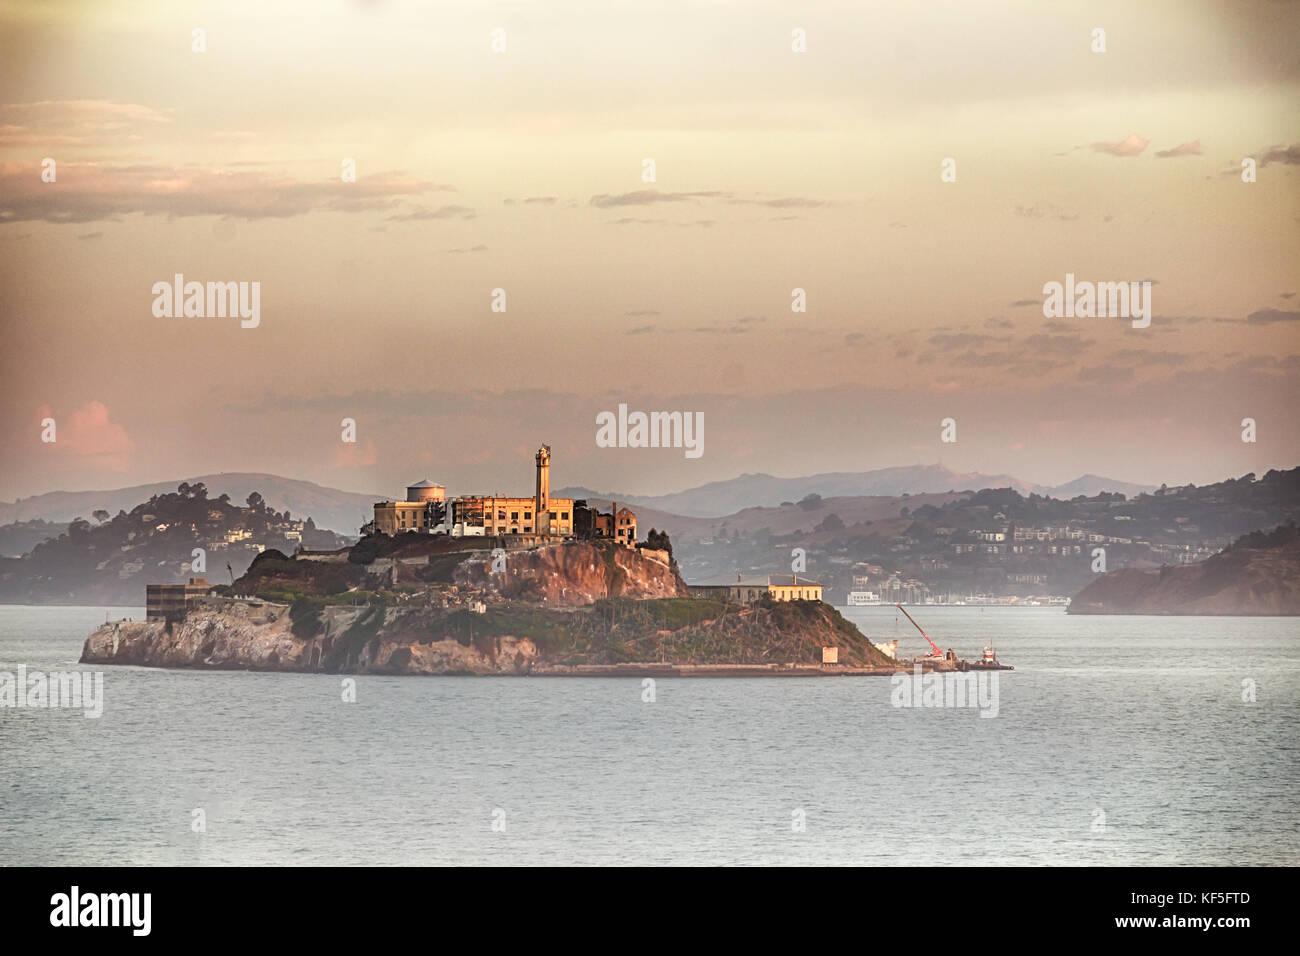 L'île d'Alcatraz à San Francisco, du film style rétro. Banque D'Images